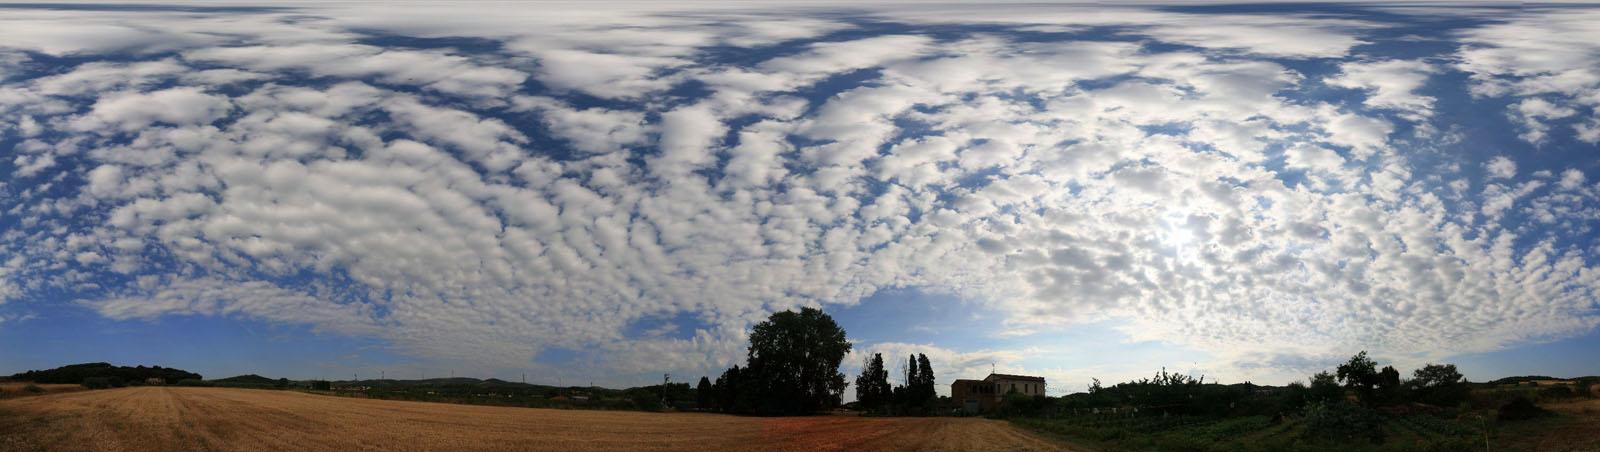 Tot el cel amb núvols